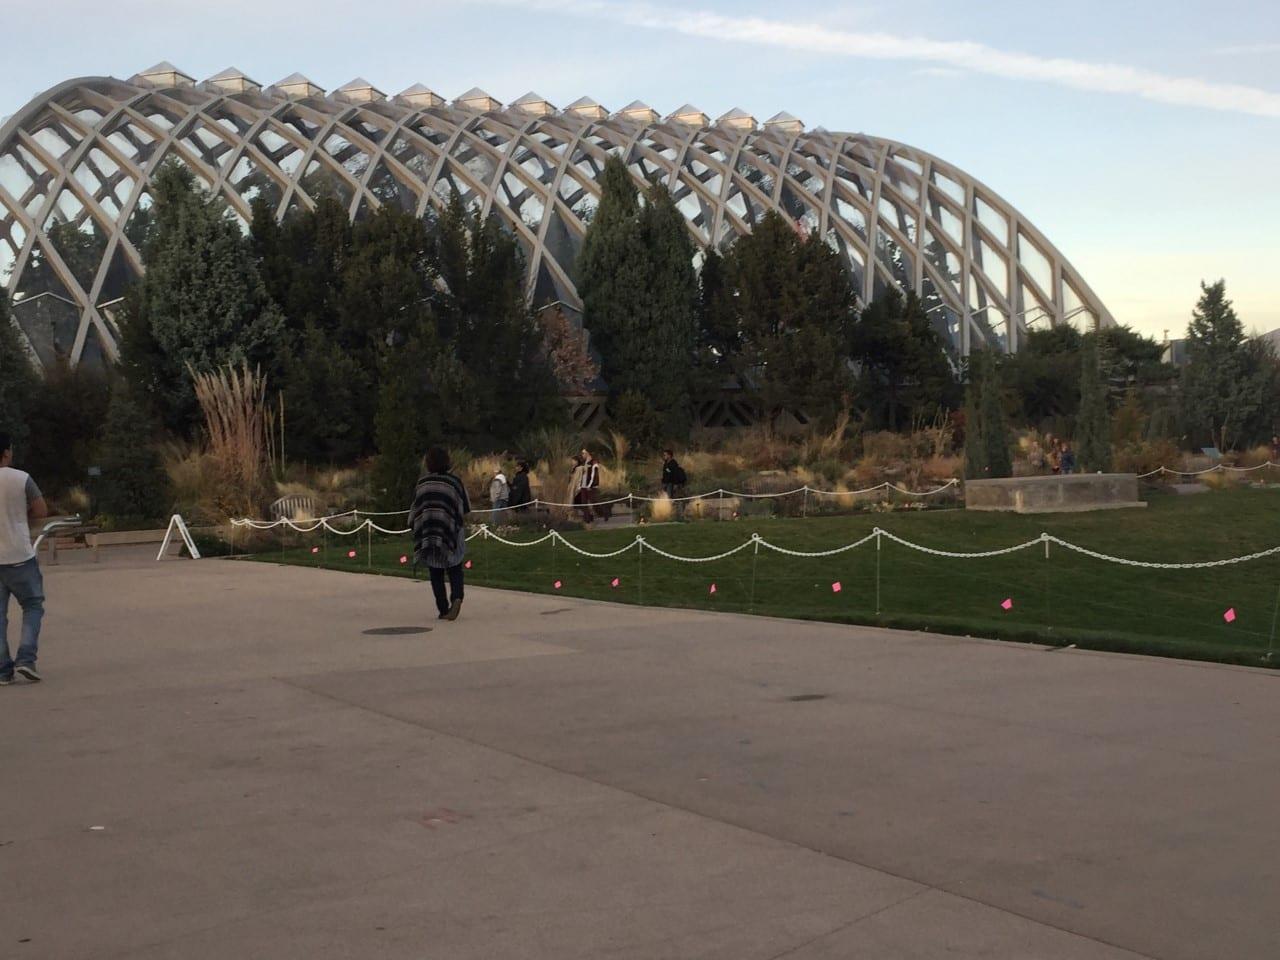 Denver Botanic Gardens Dome